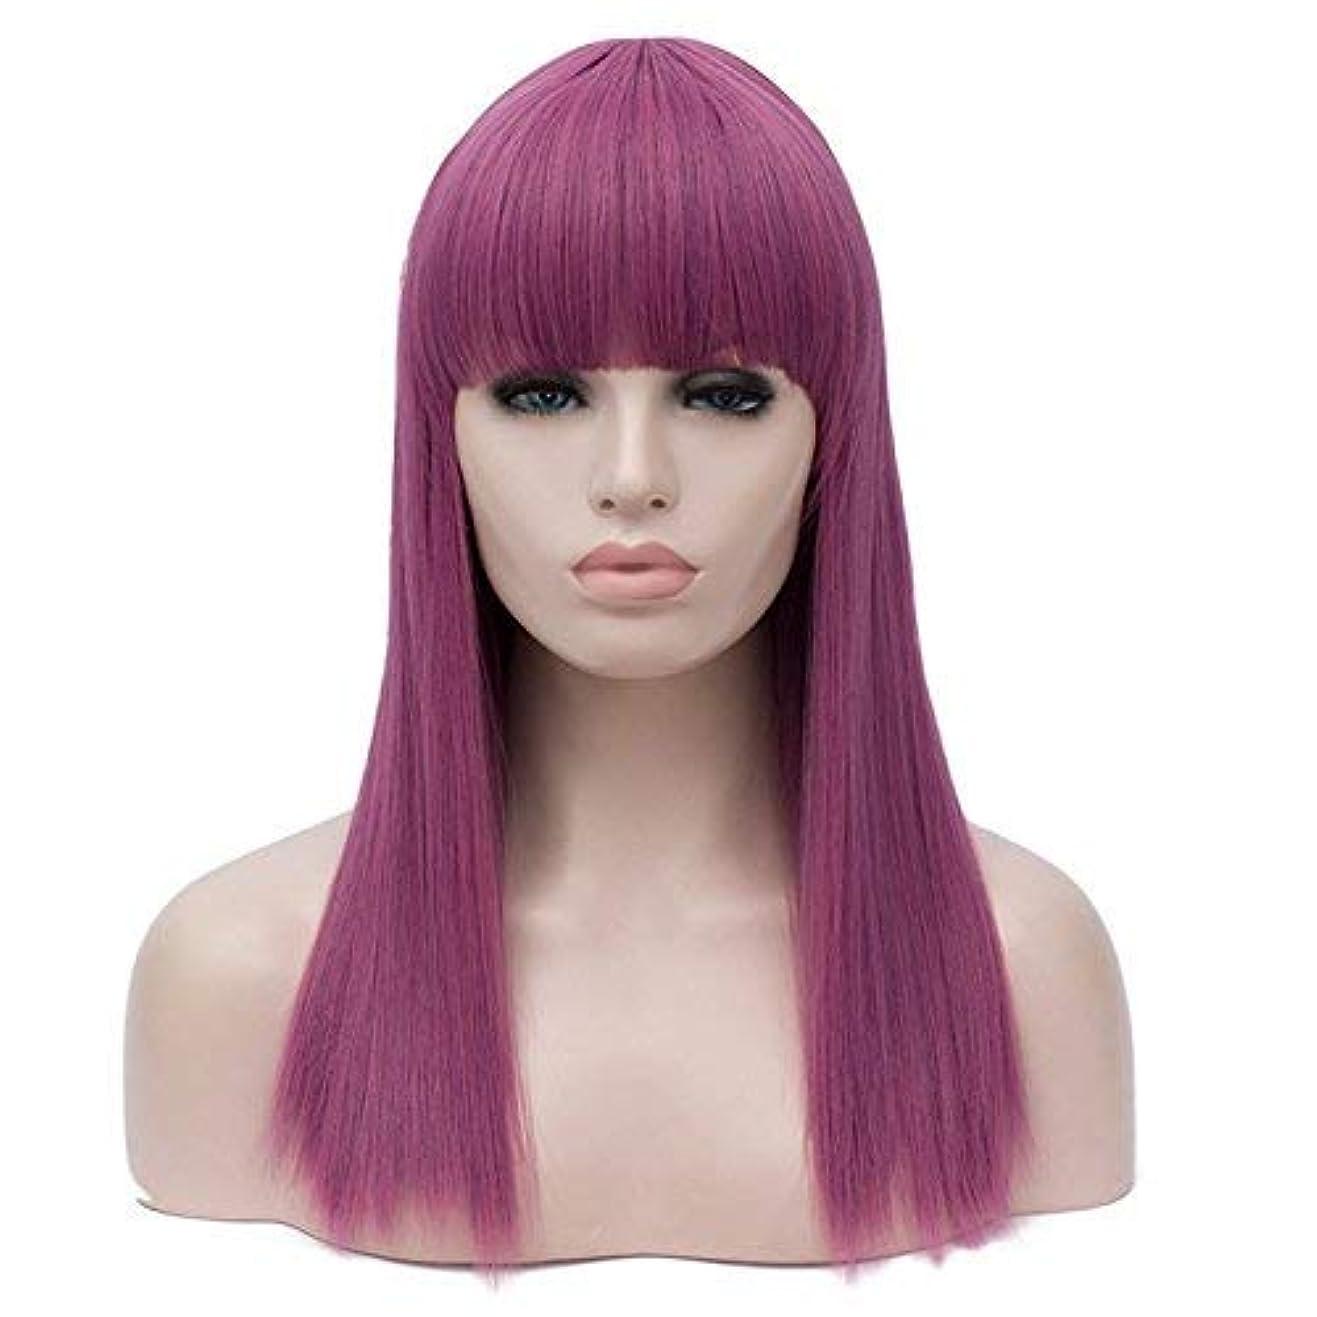 変わる移動昼間かつらかつら女性のための長いストレート合成髪レースフロントかつら高品質耐熱